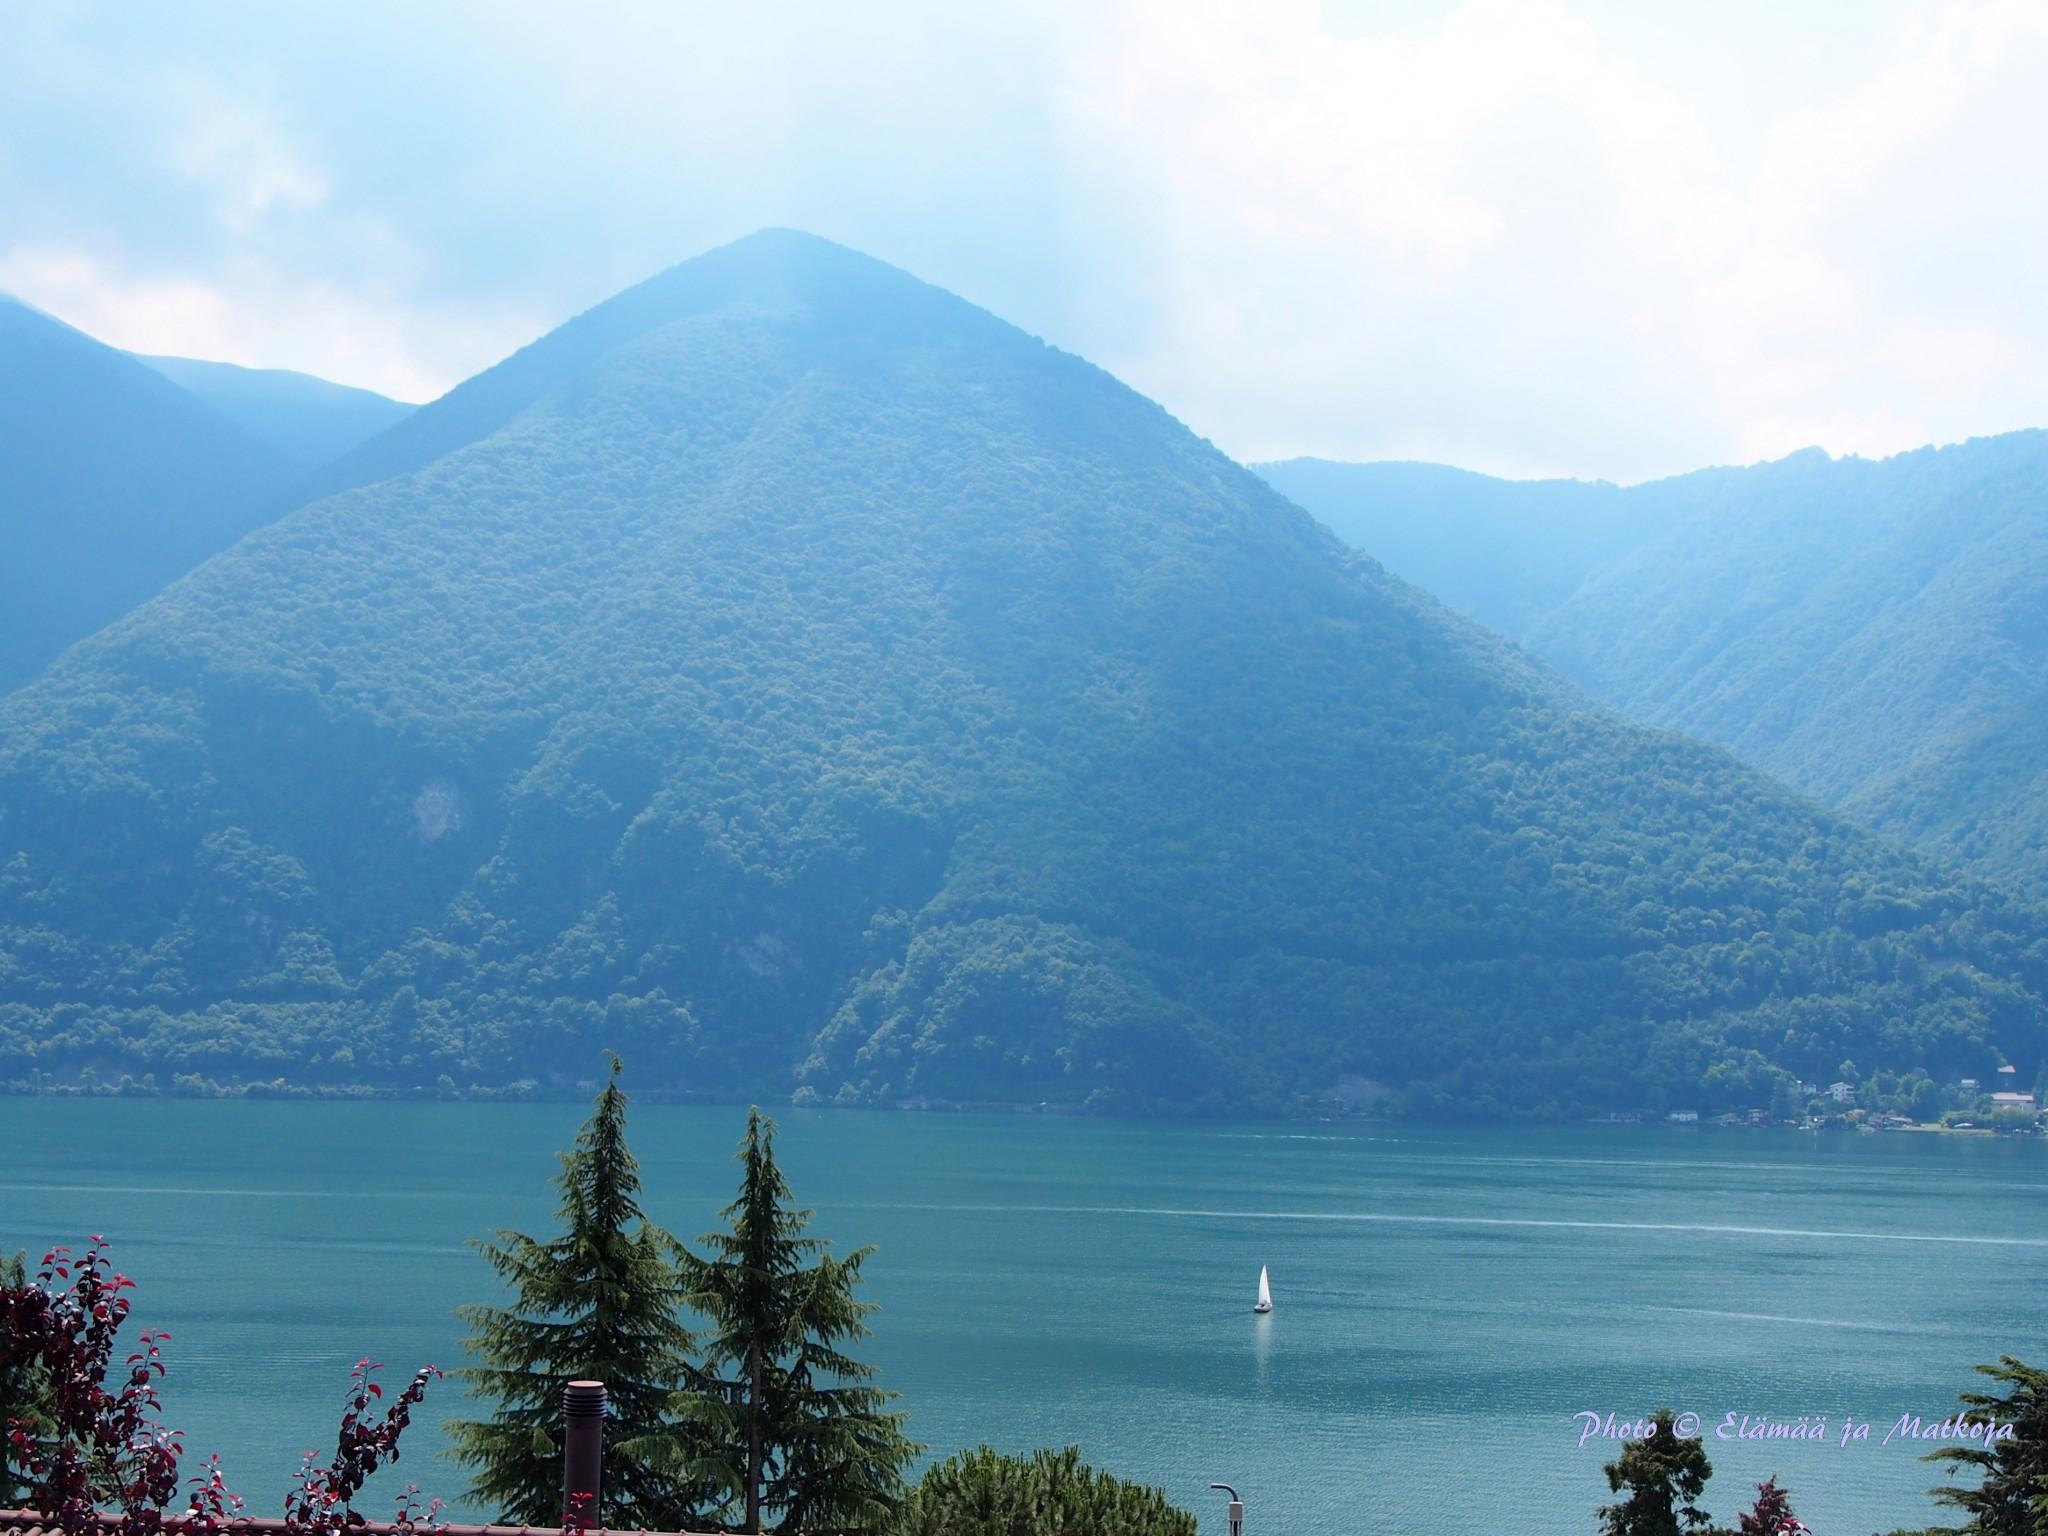 Lagi di Lugano Photo © Elämää ja Matkoja